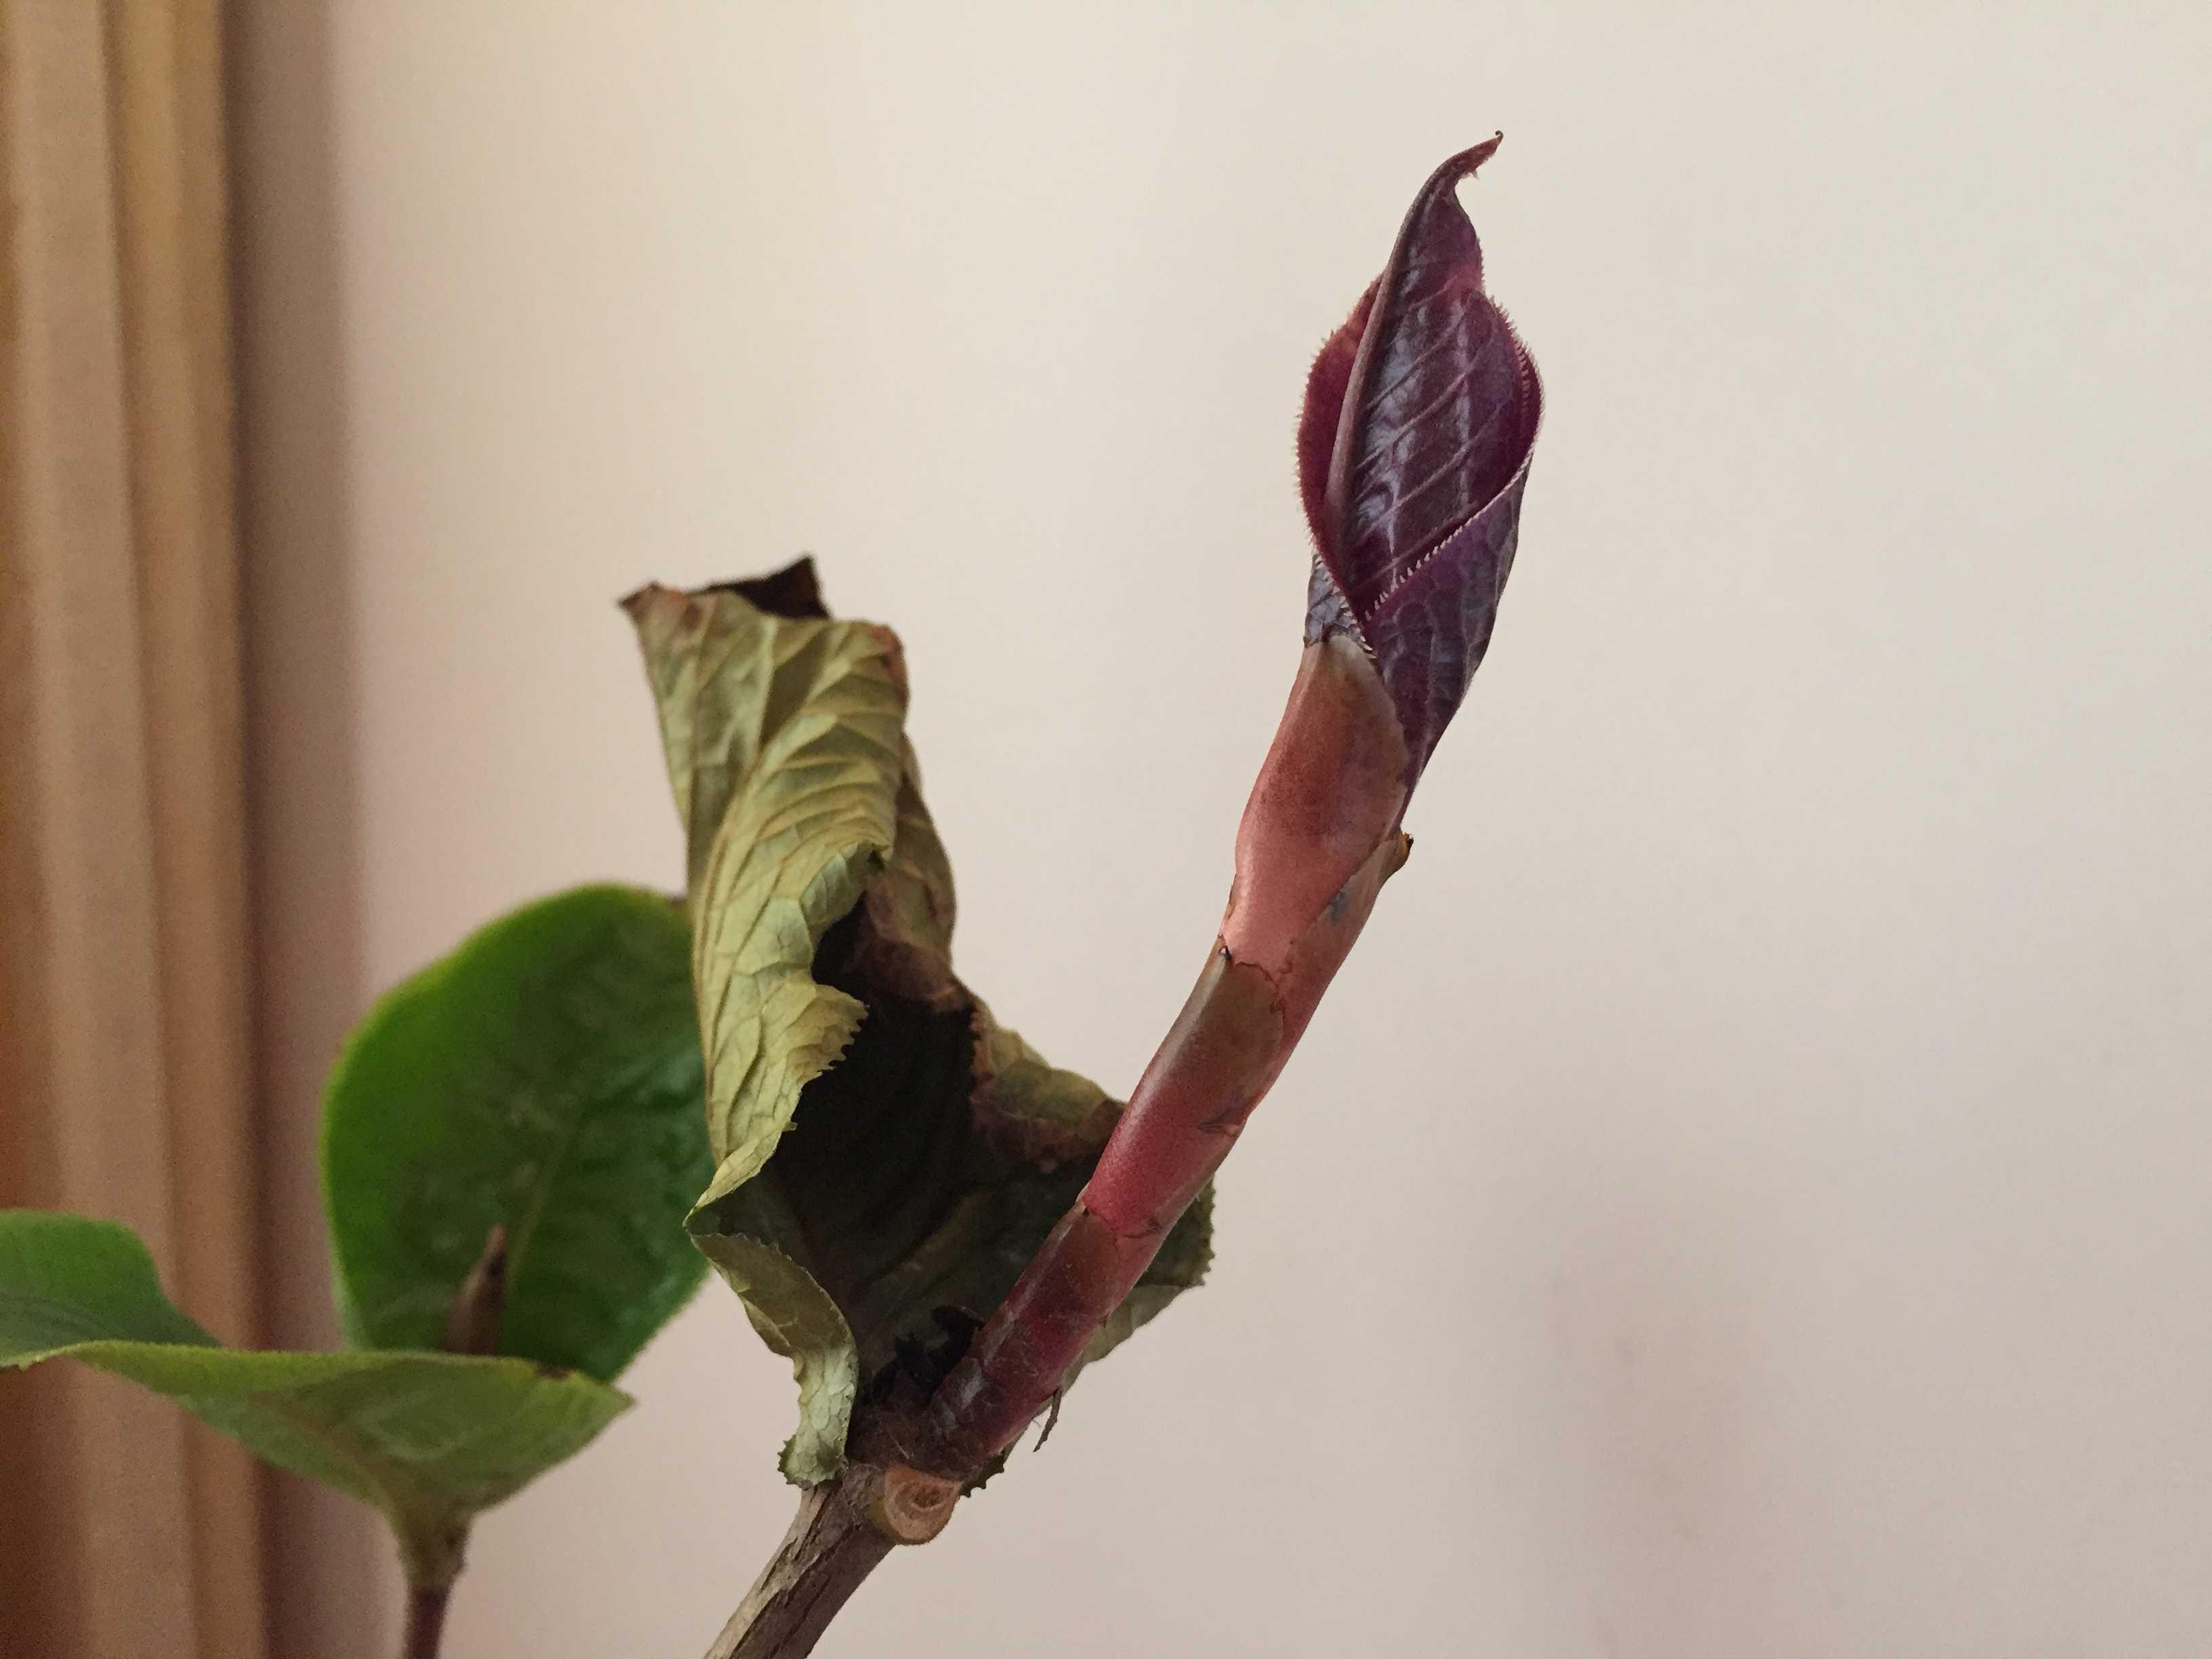 黄色のツバキ属原種「ムラウチィ」